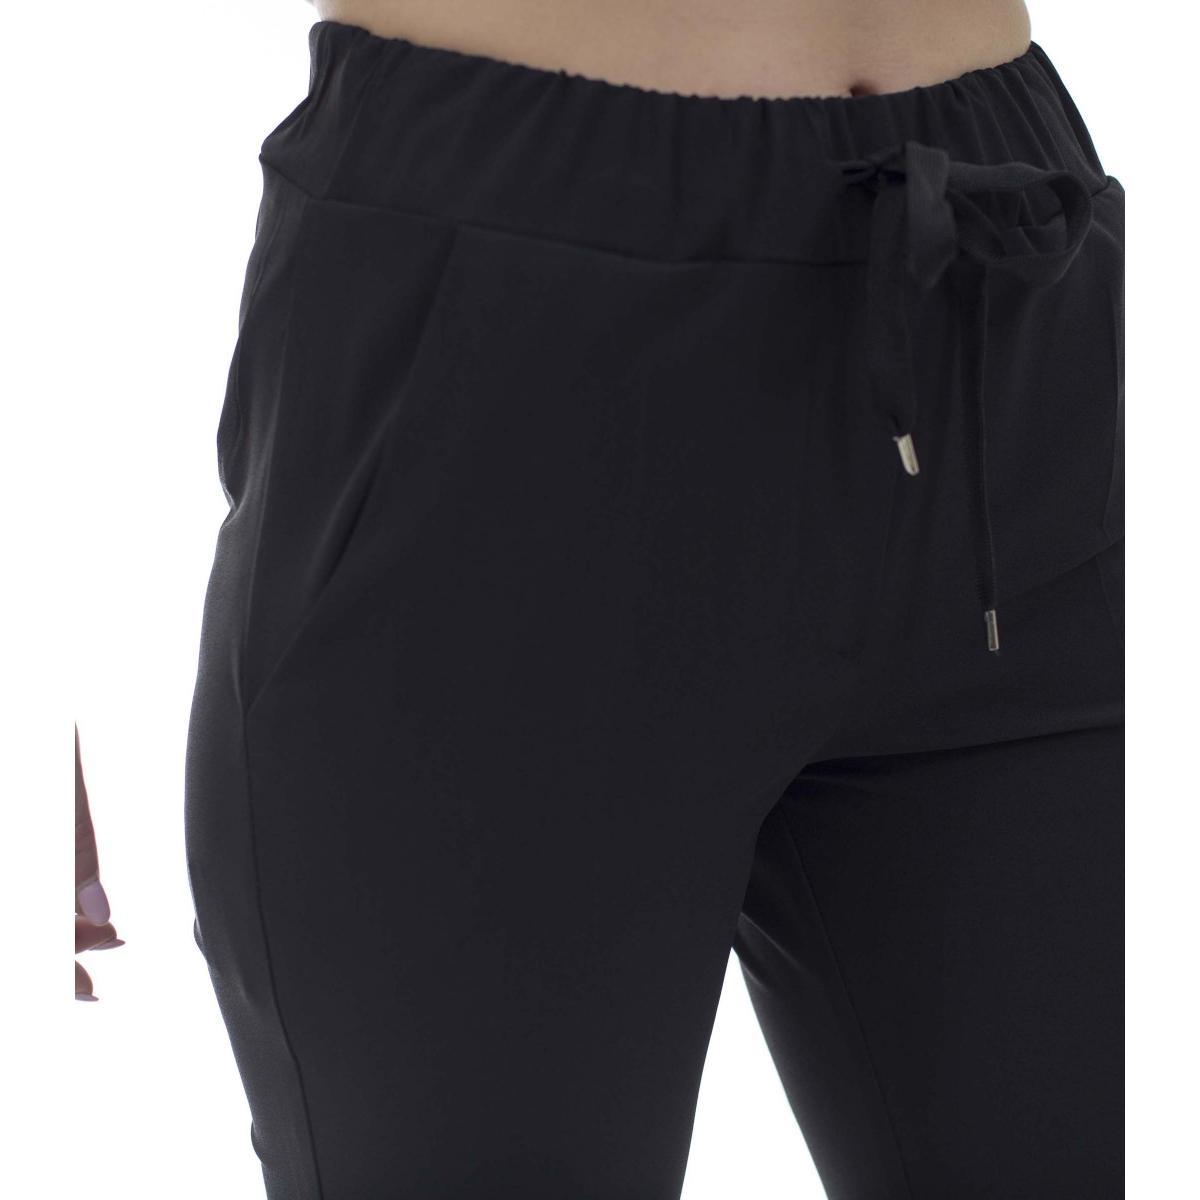 Pantalone con laccio in vita - donna